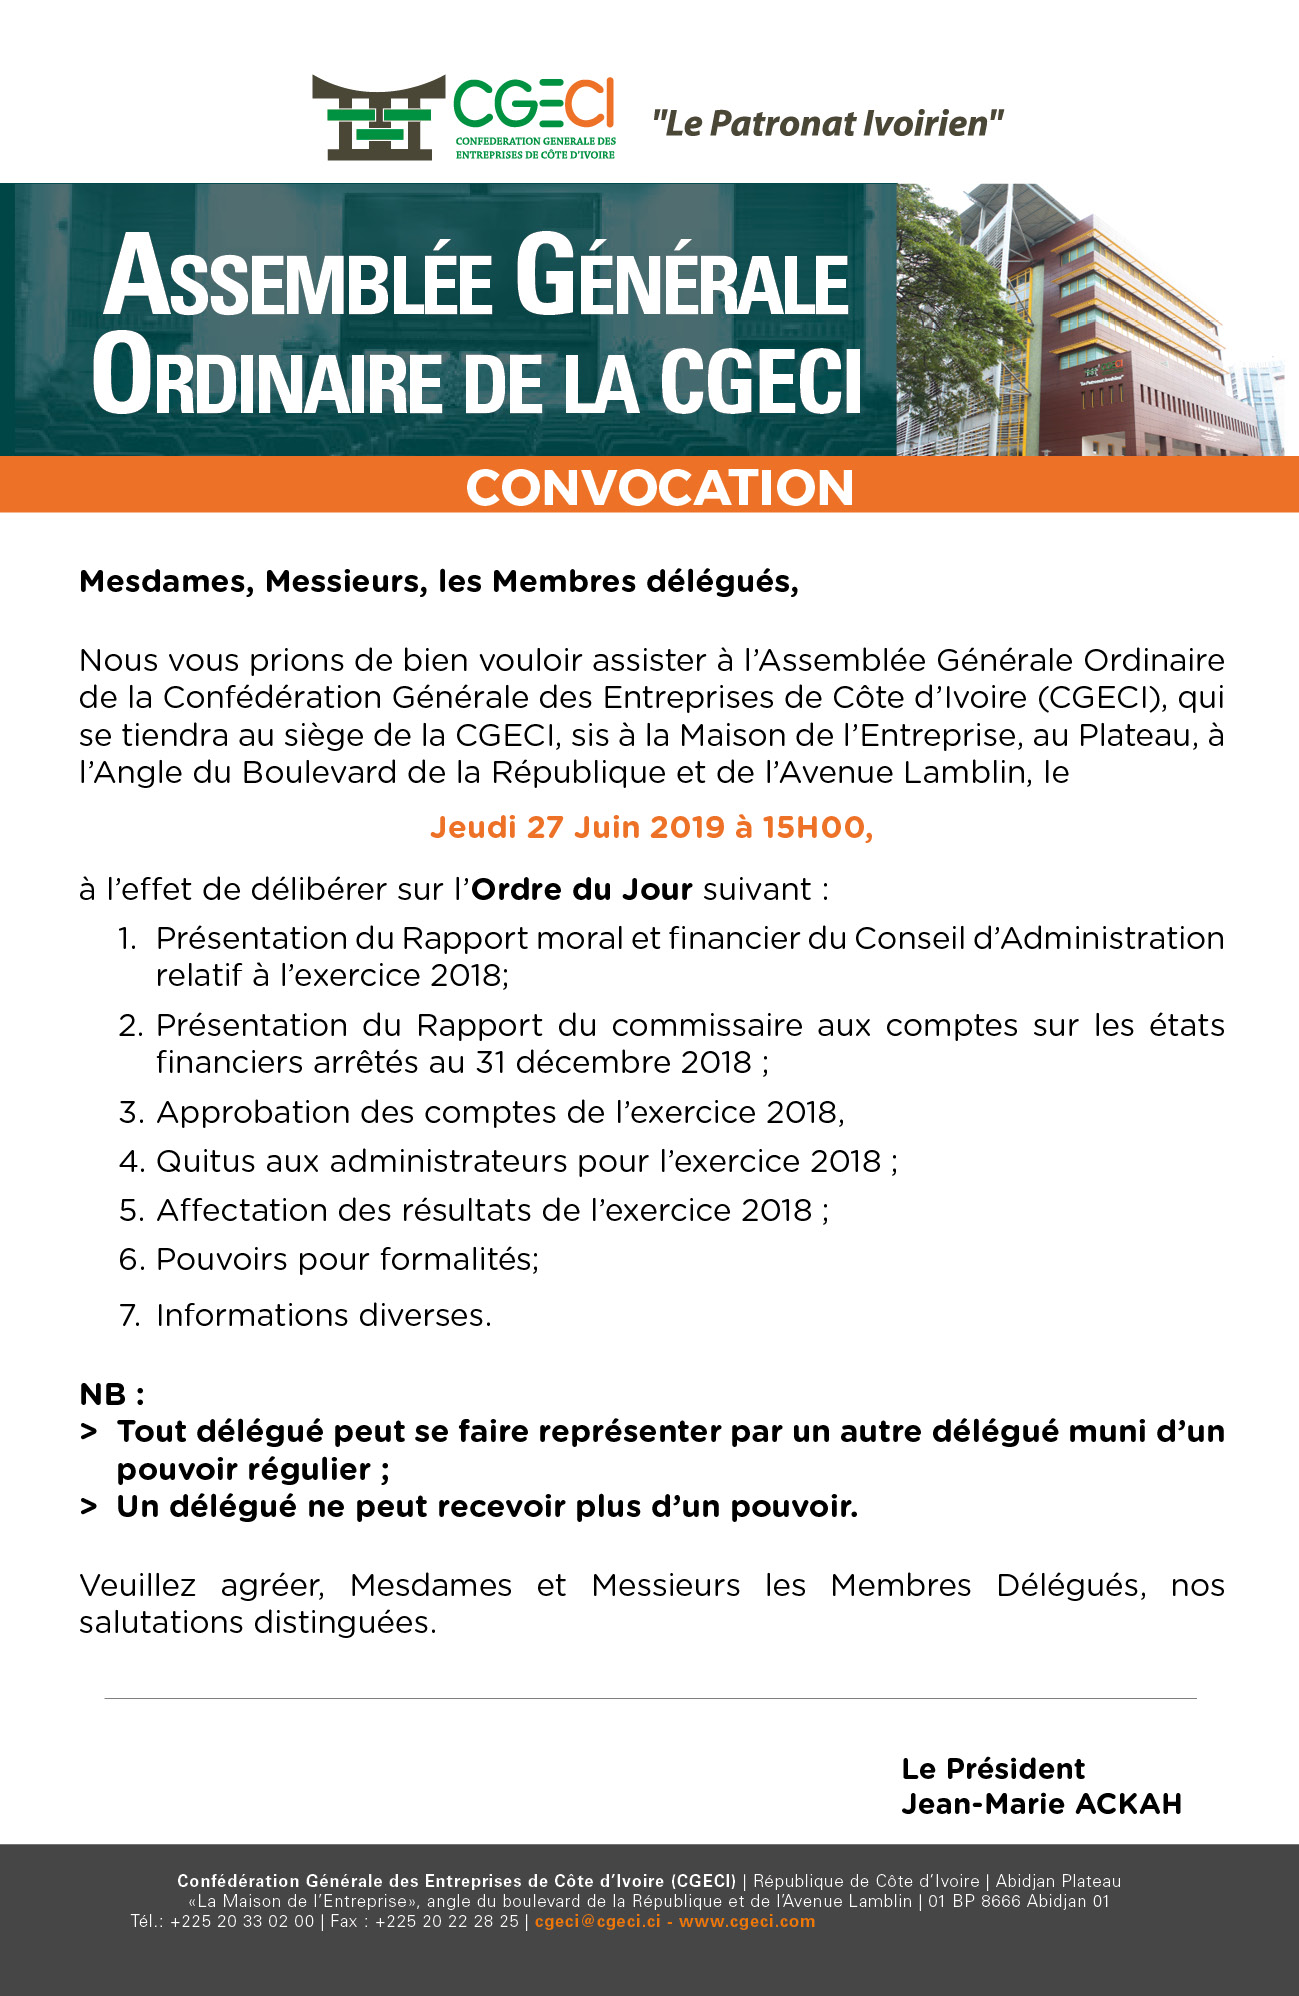 Assemblée Générale Ordinaire de la CGECI du 27 juin 2019